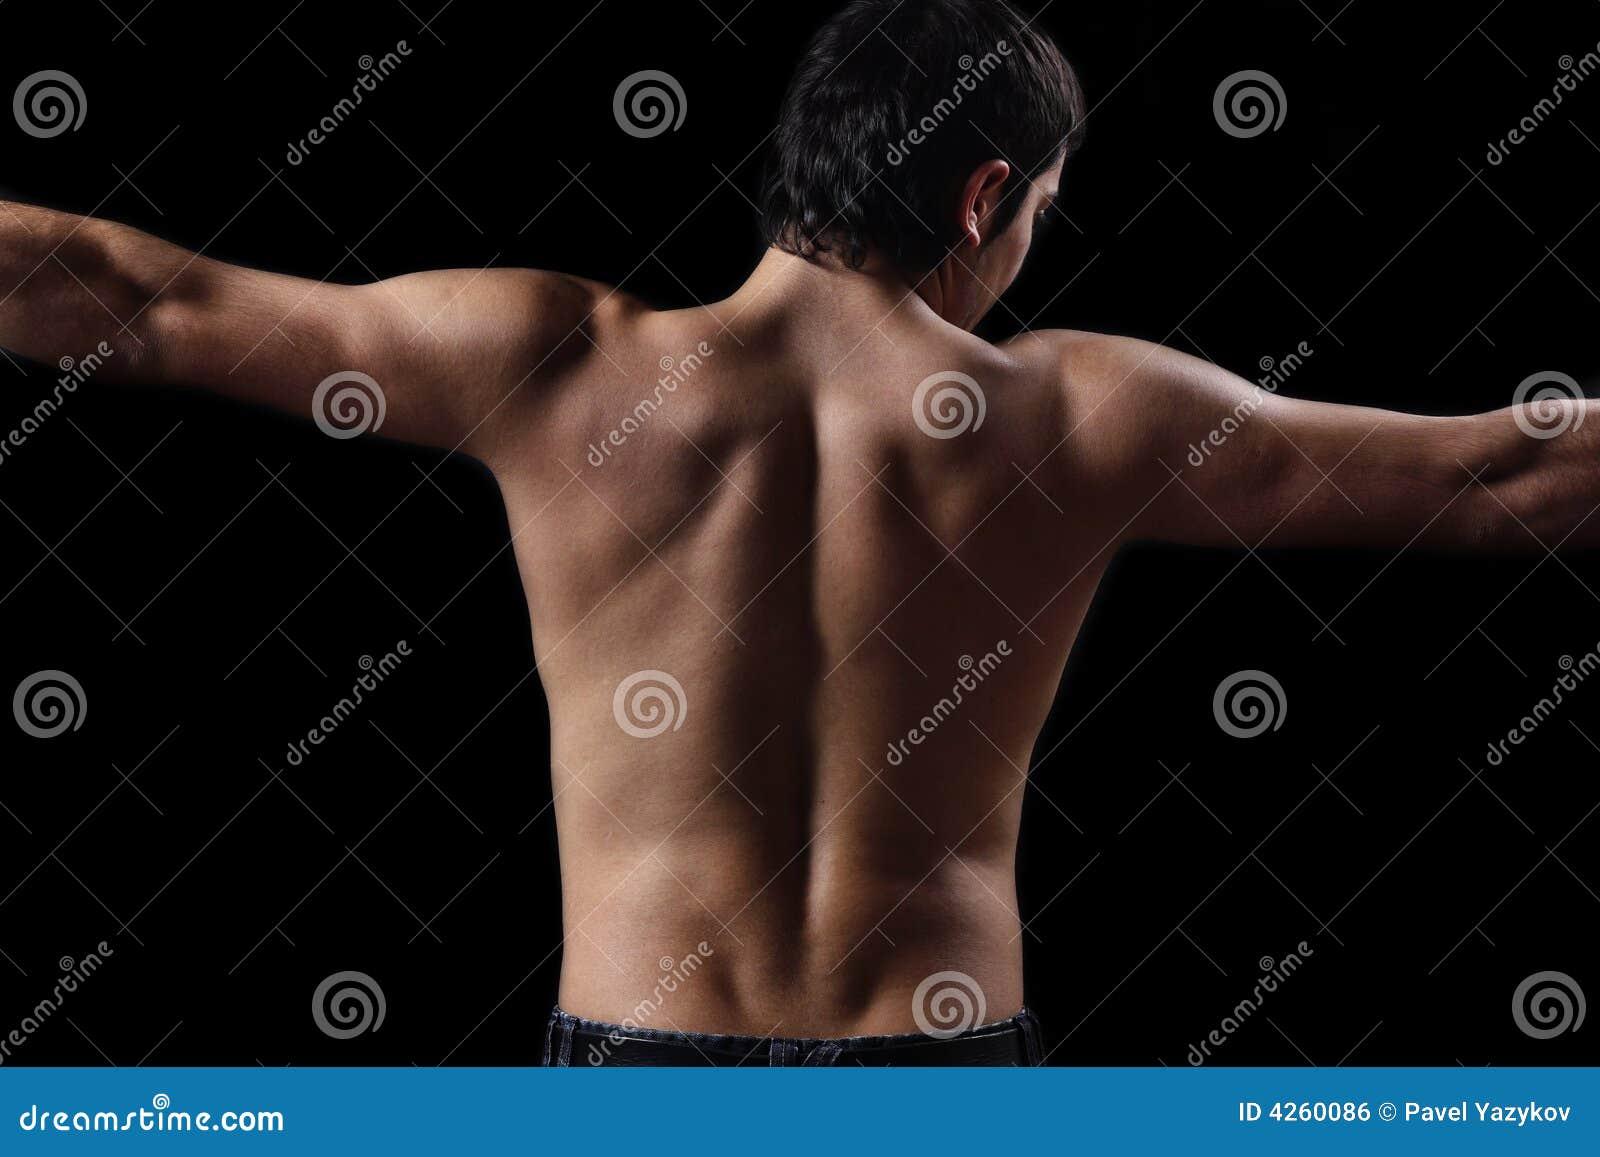 Guys with nice backs